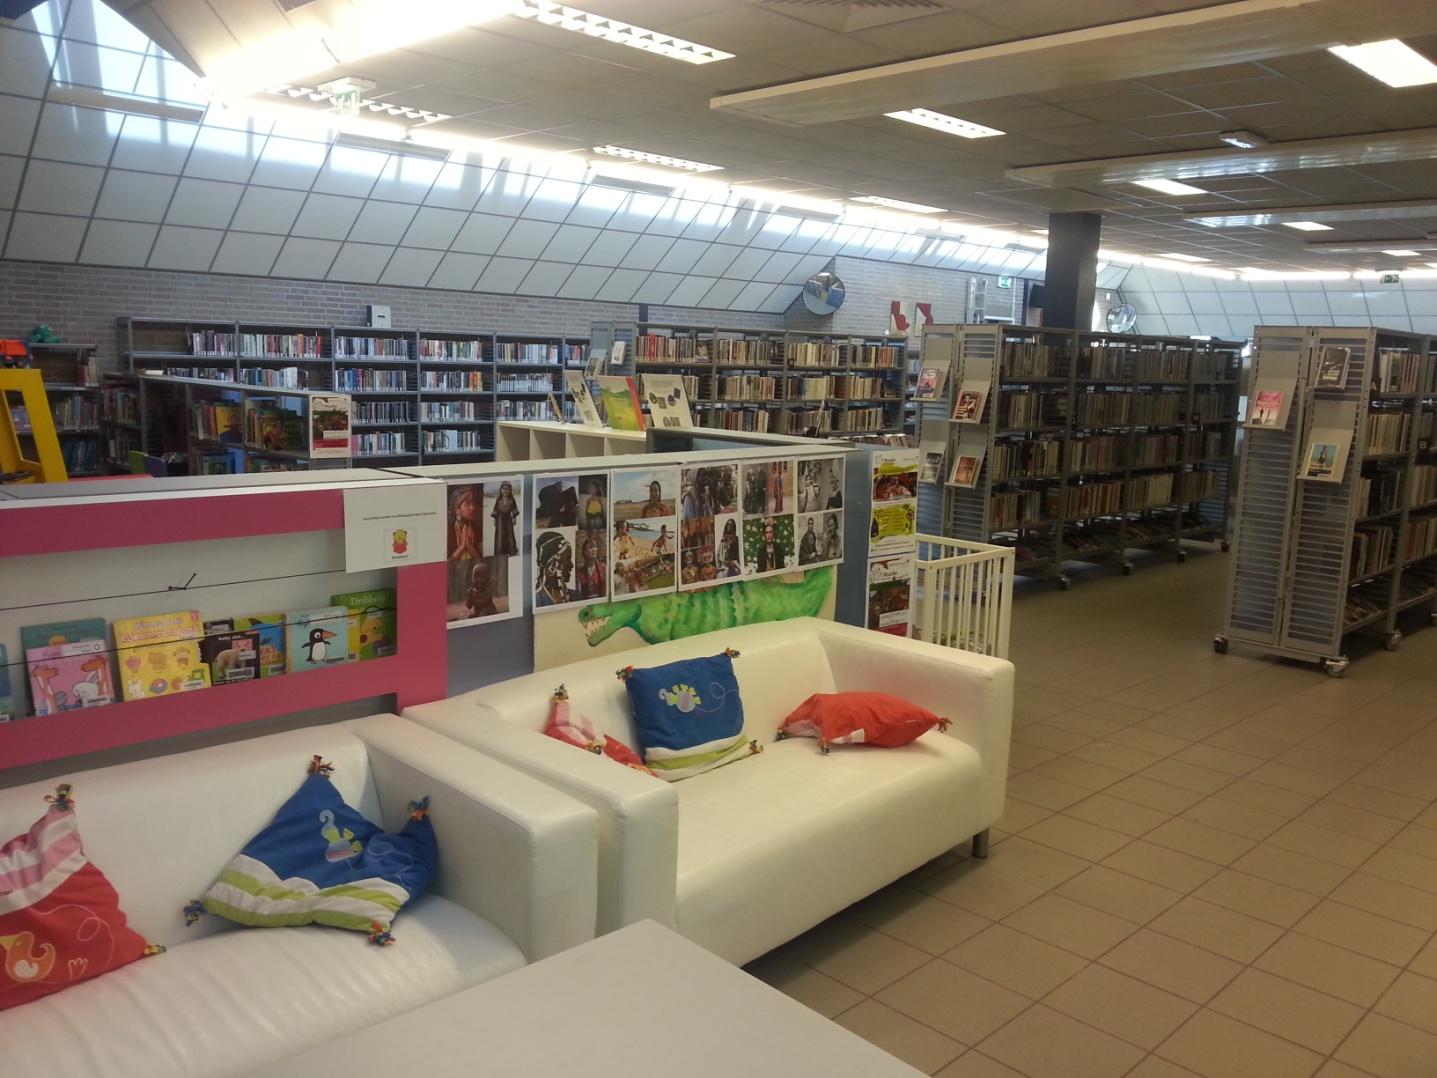 De Bibliotheek, meer dan een uitleen van boeken